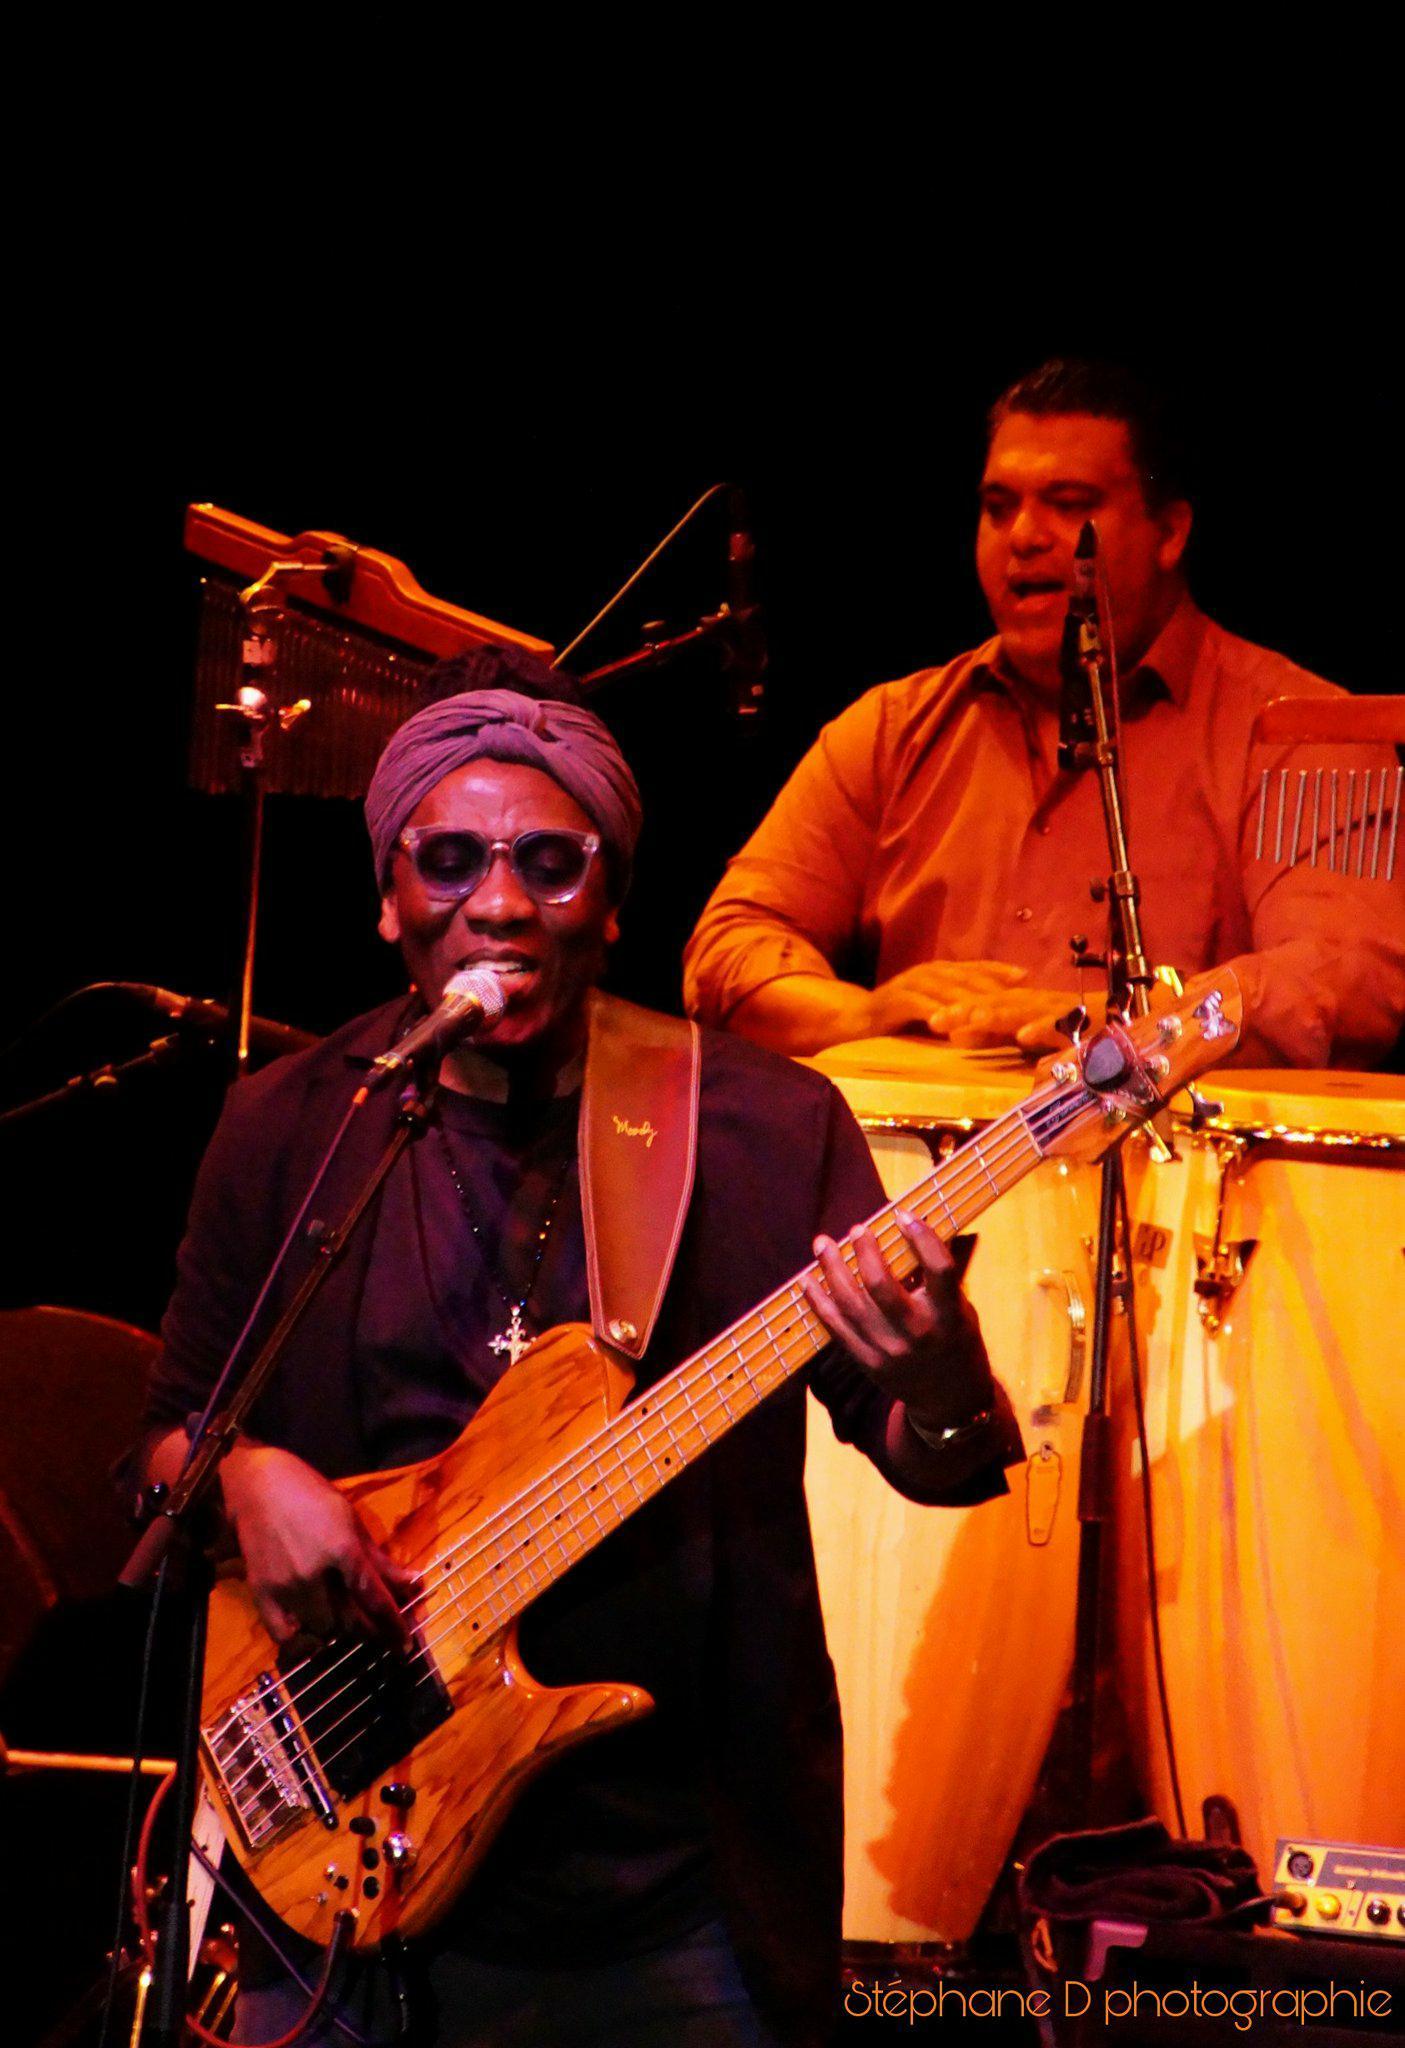 Soirée Afrocubaine : la température est montée à Jazz or jazz !